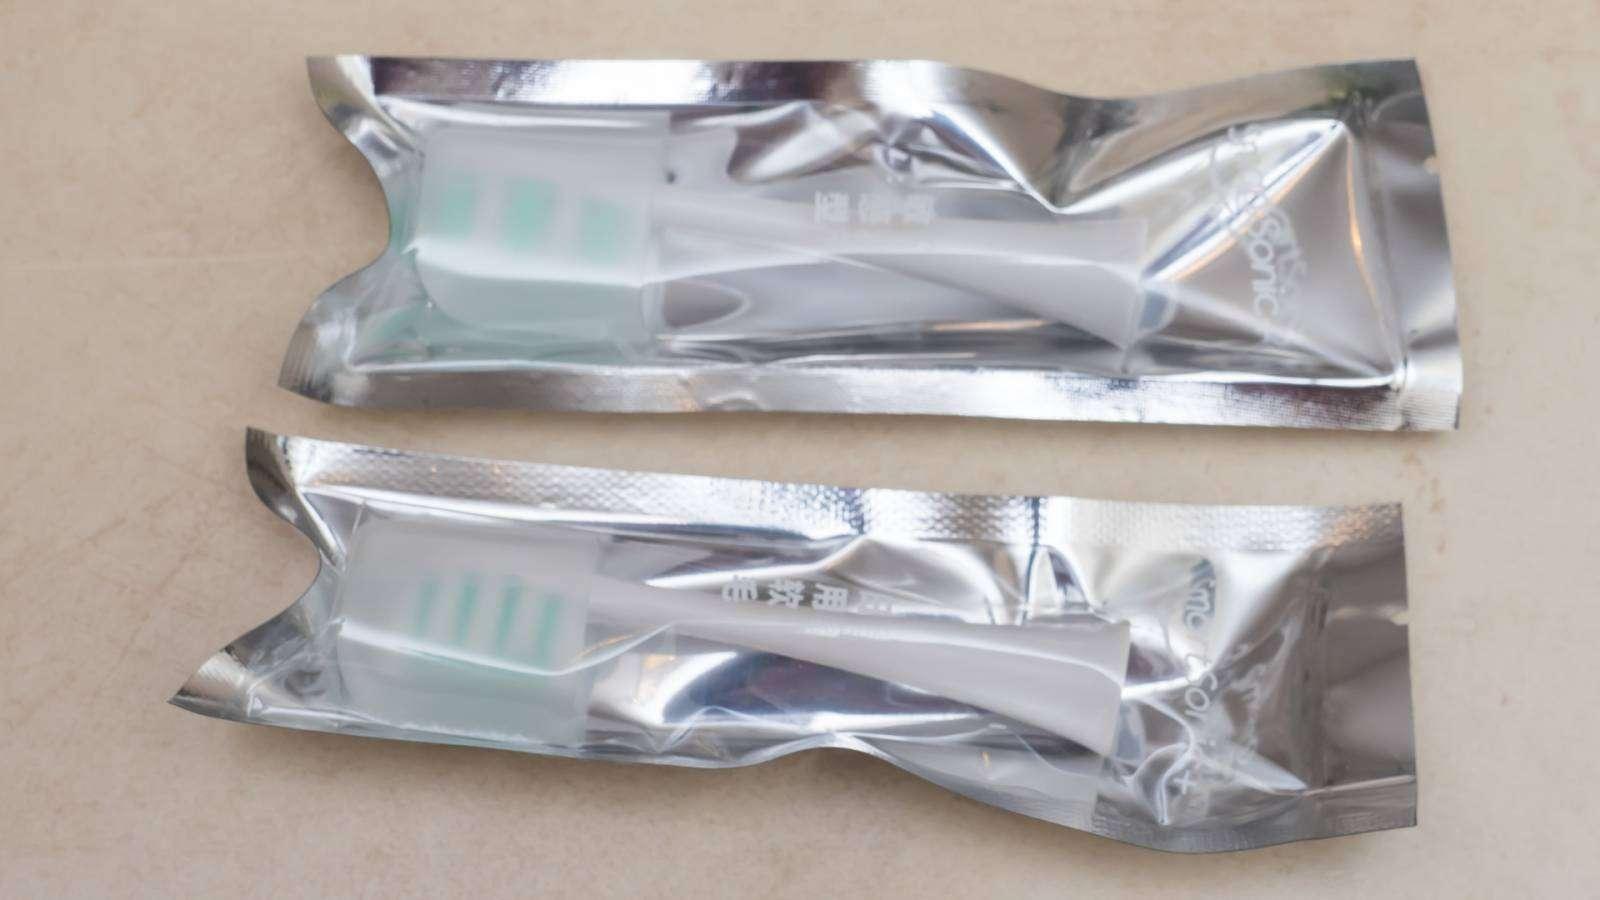 GearBest: Ультразвуковая зубная щетка JK - T с таймером и тремя режимами работы